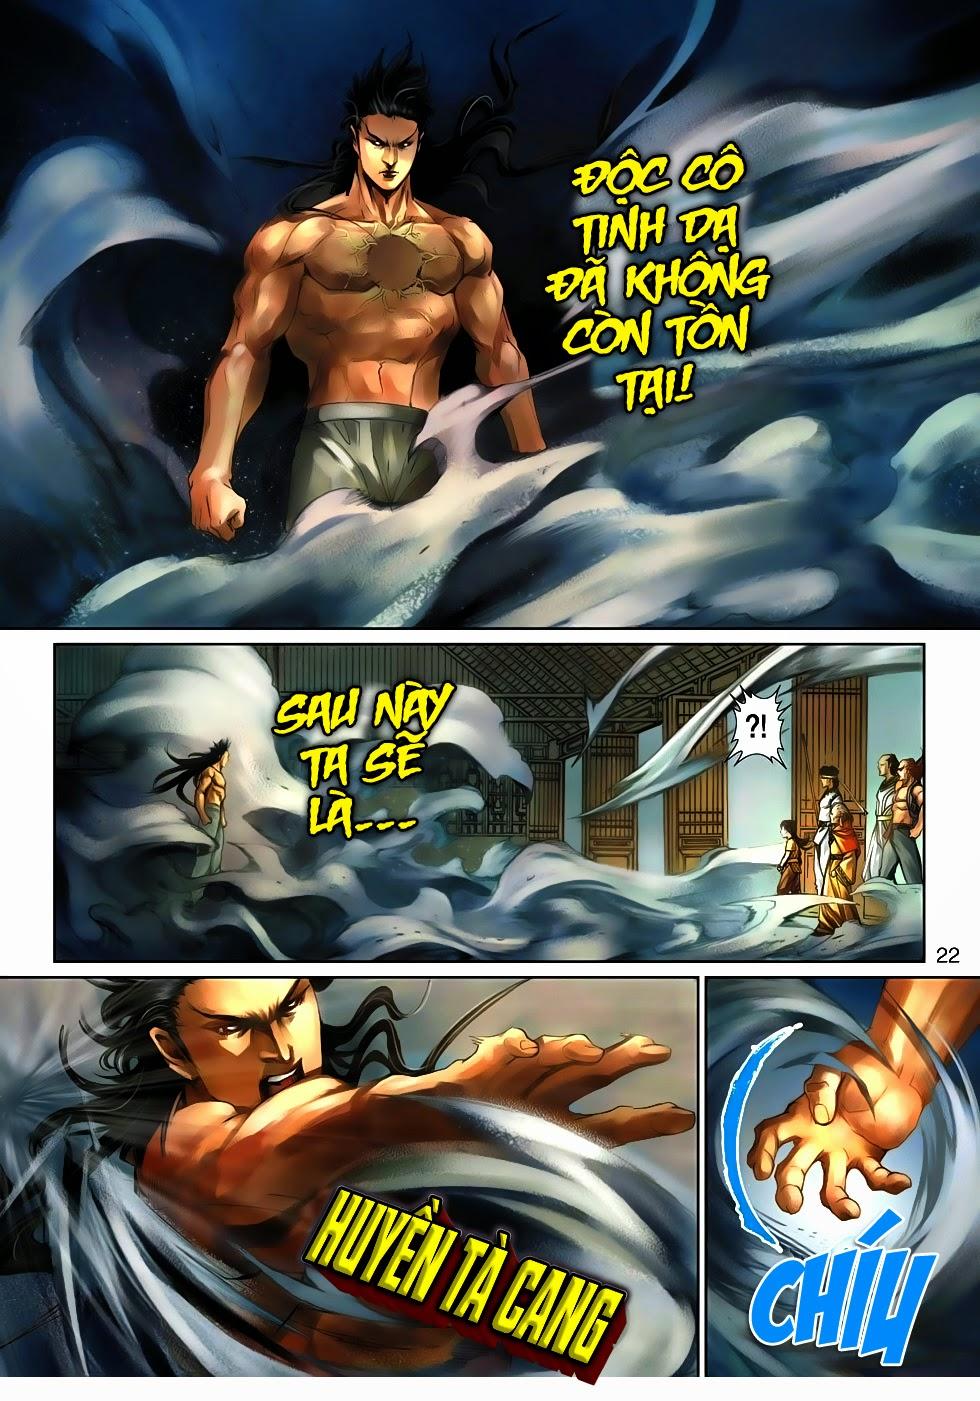 Thần Binh Tiền Truyện 4 - Huyền Thiên Tà Đế chap 10 - Trang 22